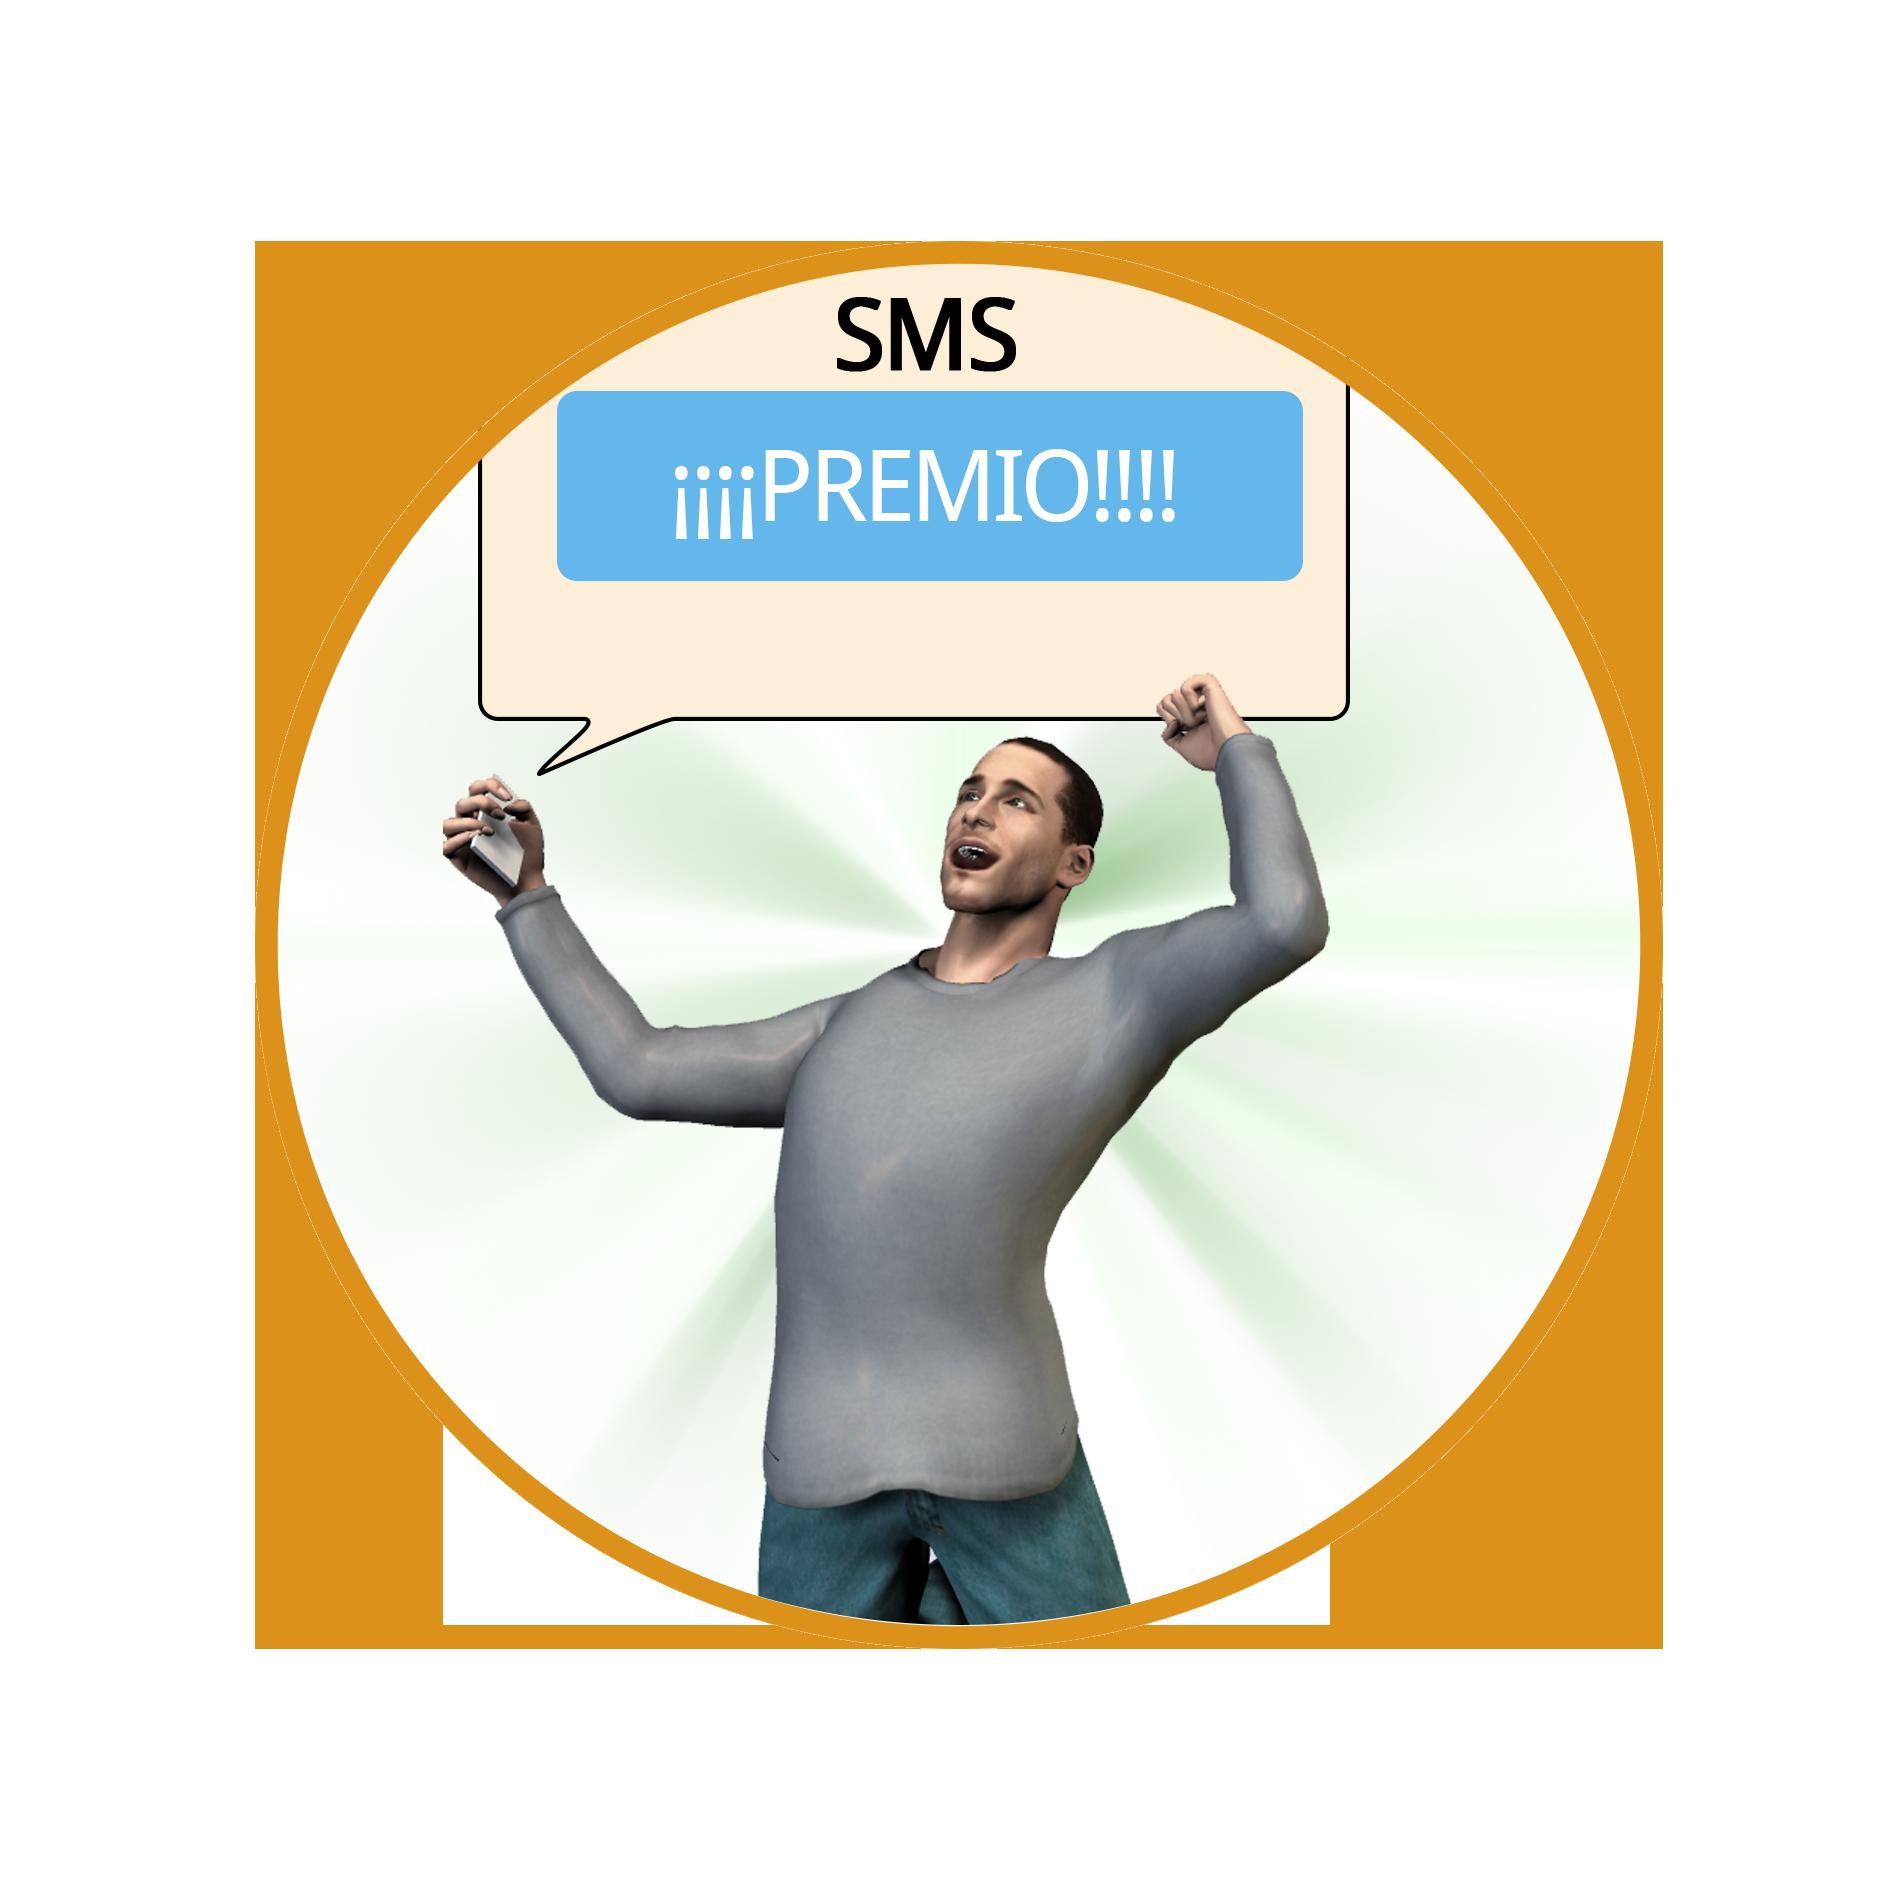 Si resulta ganador, el usuario recibe un SMS que le informa de su premio